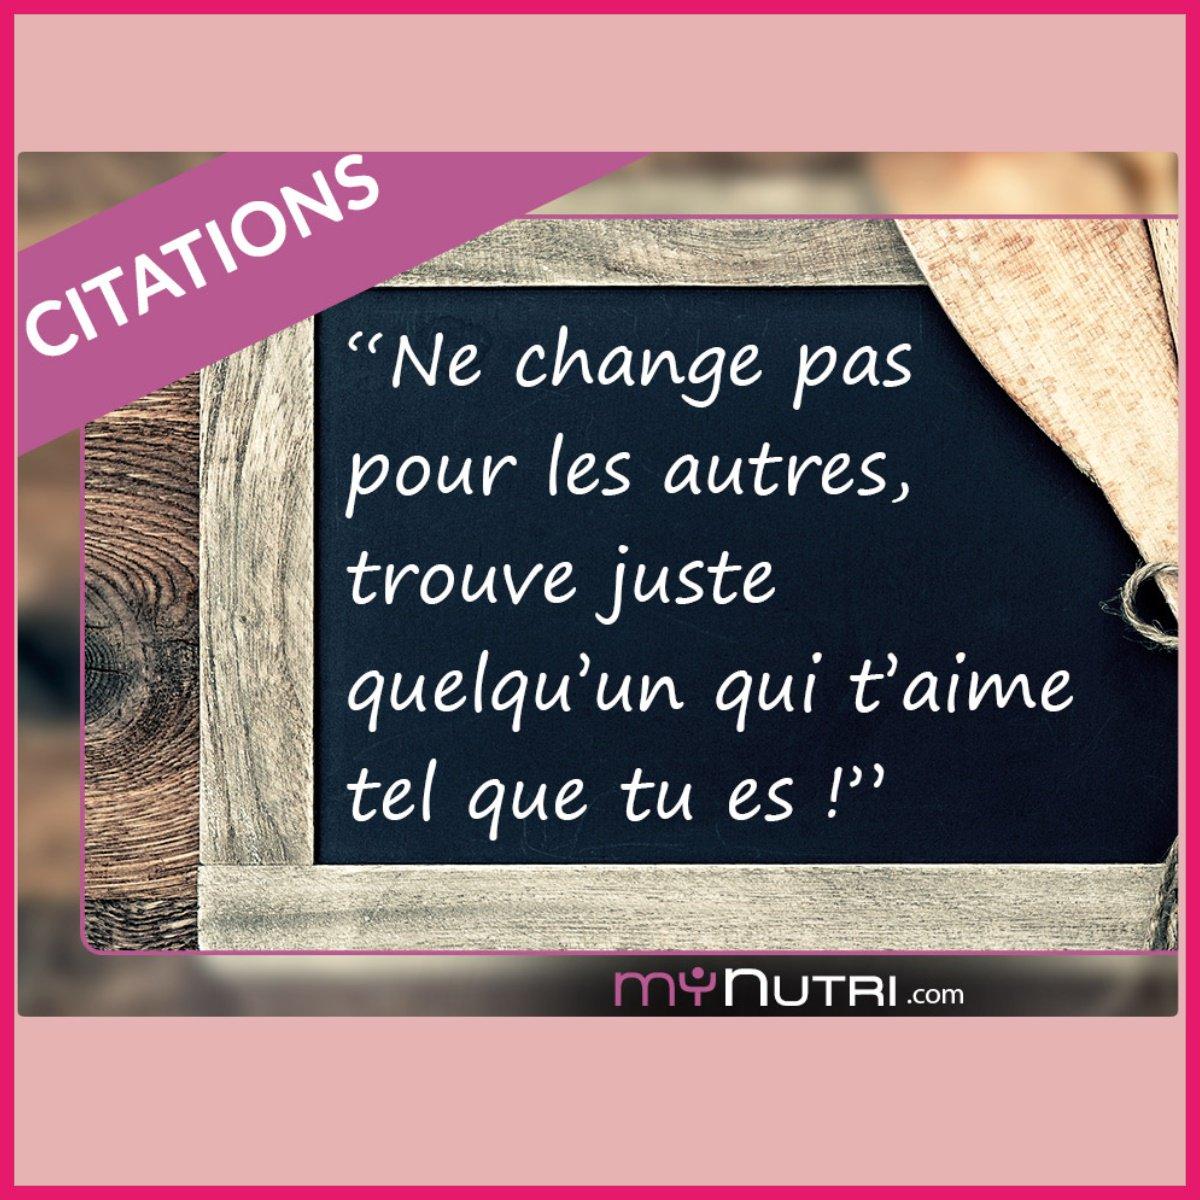 My Nutri On Twitter Une Belle Citation Pour Finir L Après